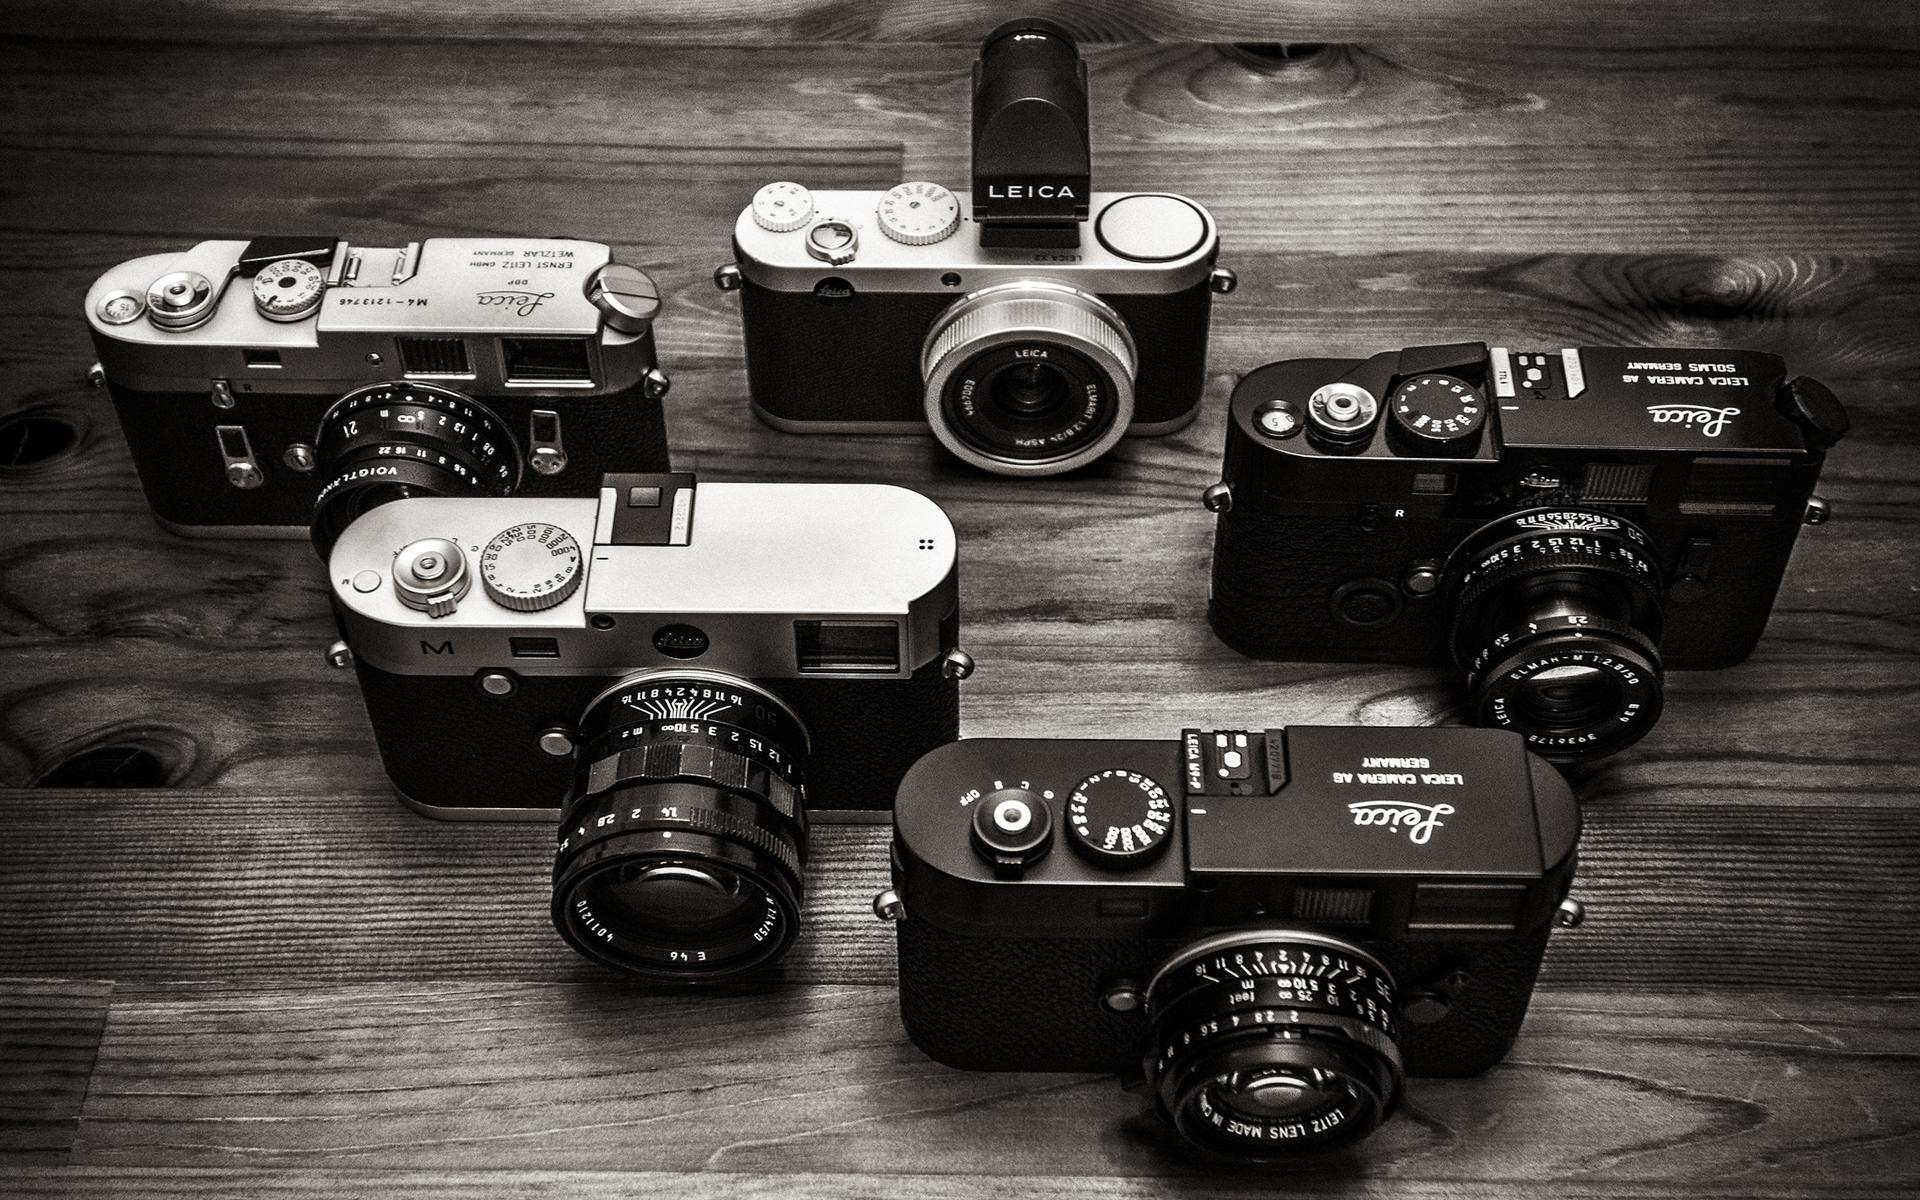 Camera Leica wallpaper | 1920x1200 | 182506 | WallpaperUP